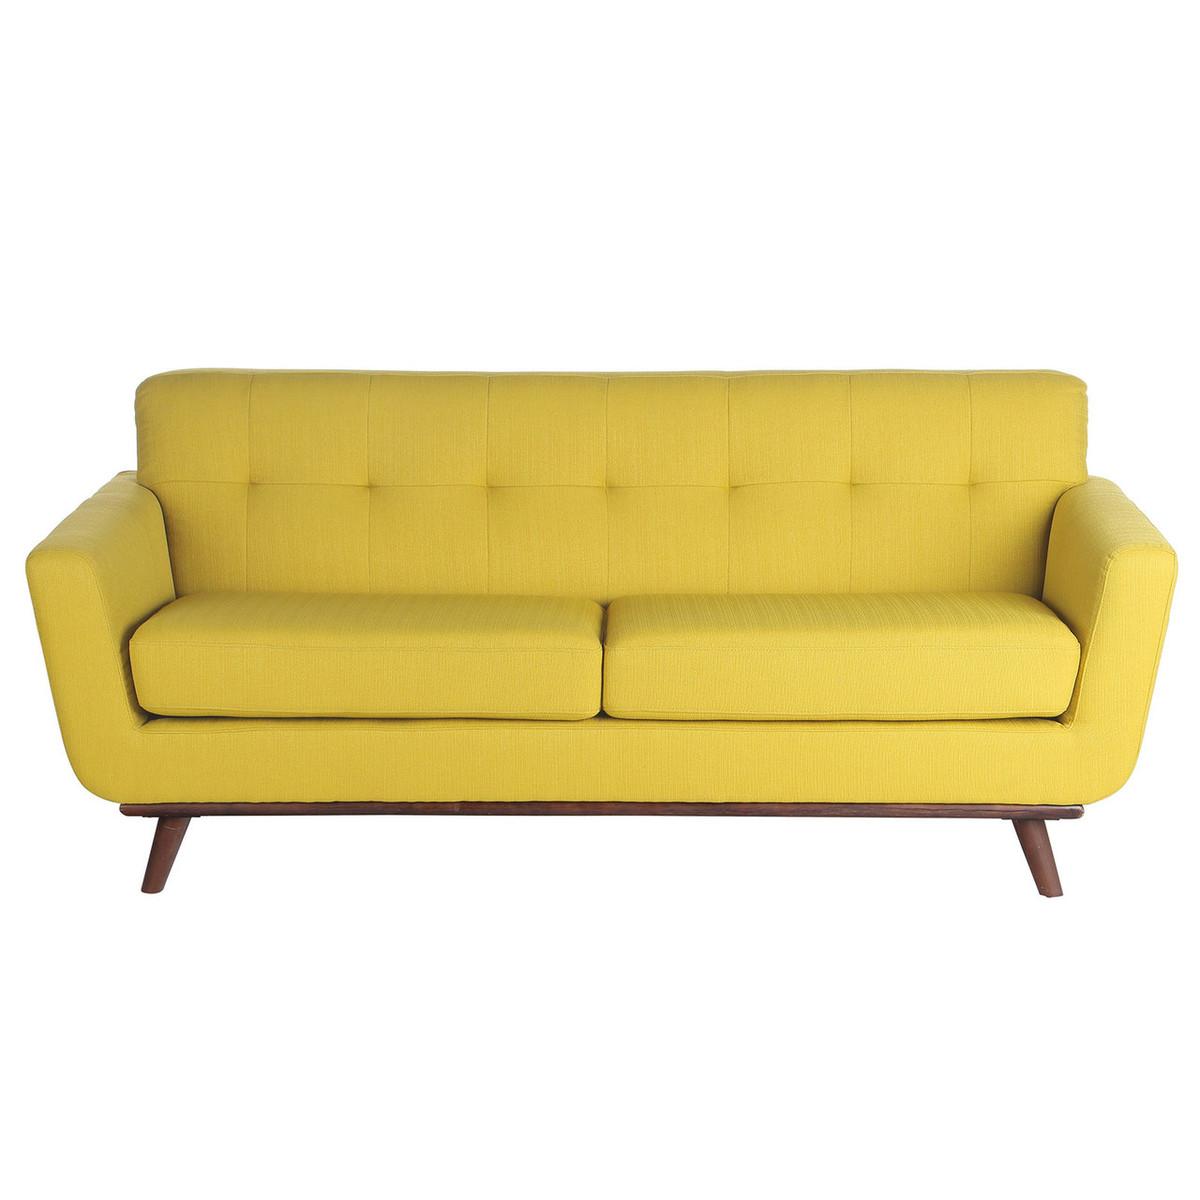 3 Seater Sofa in Yellow